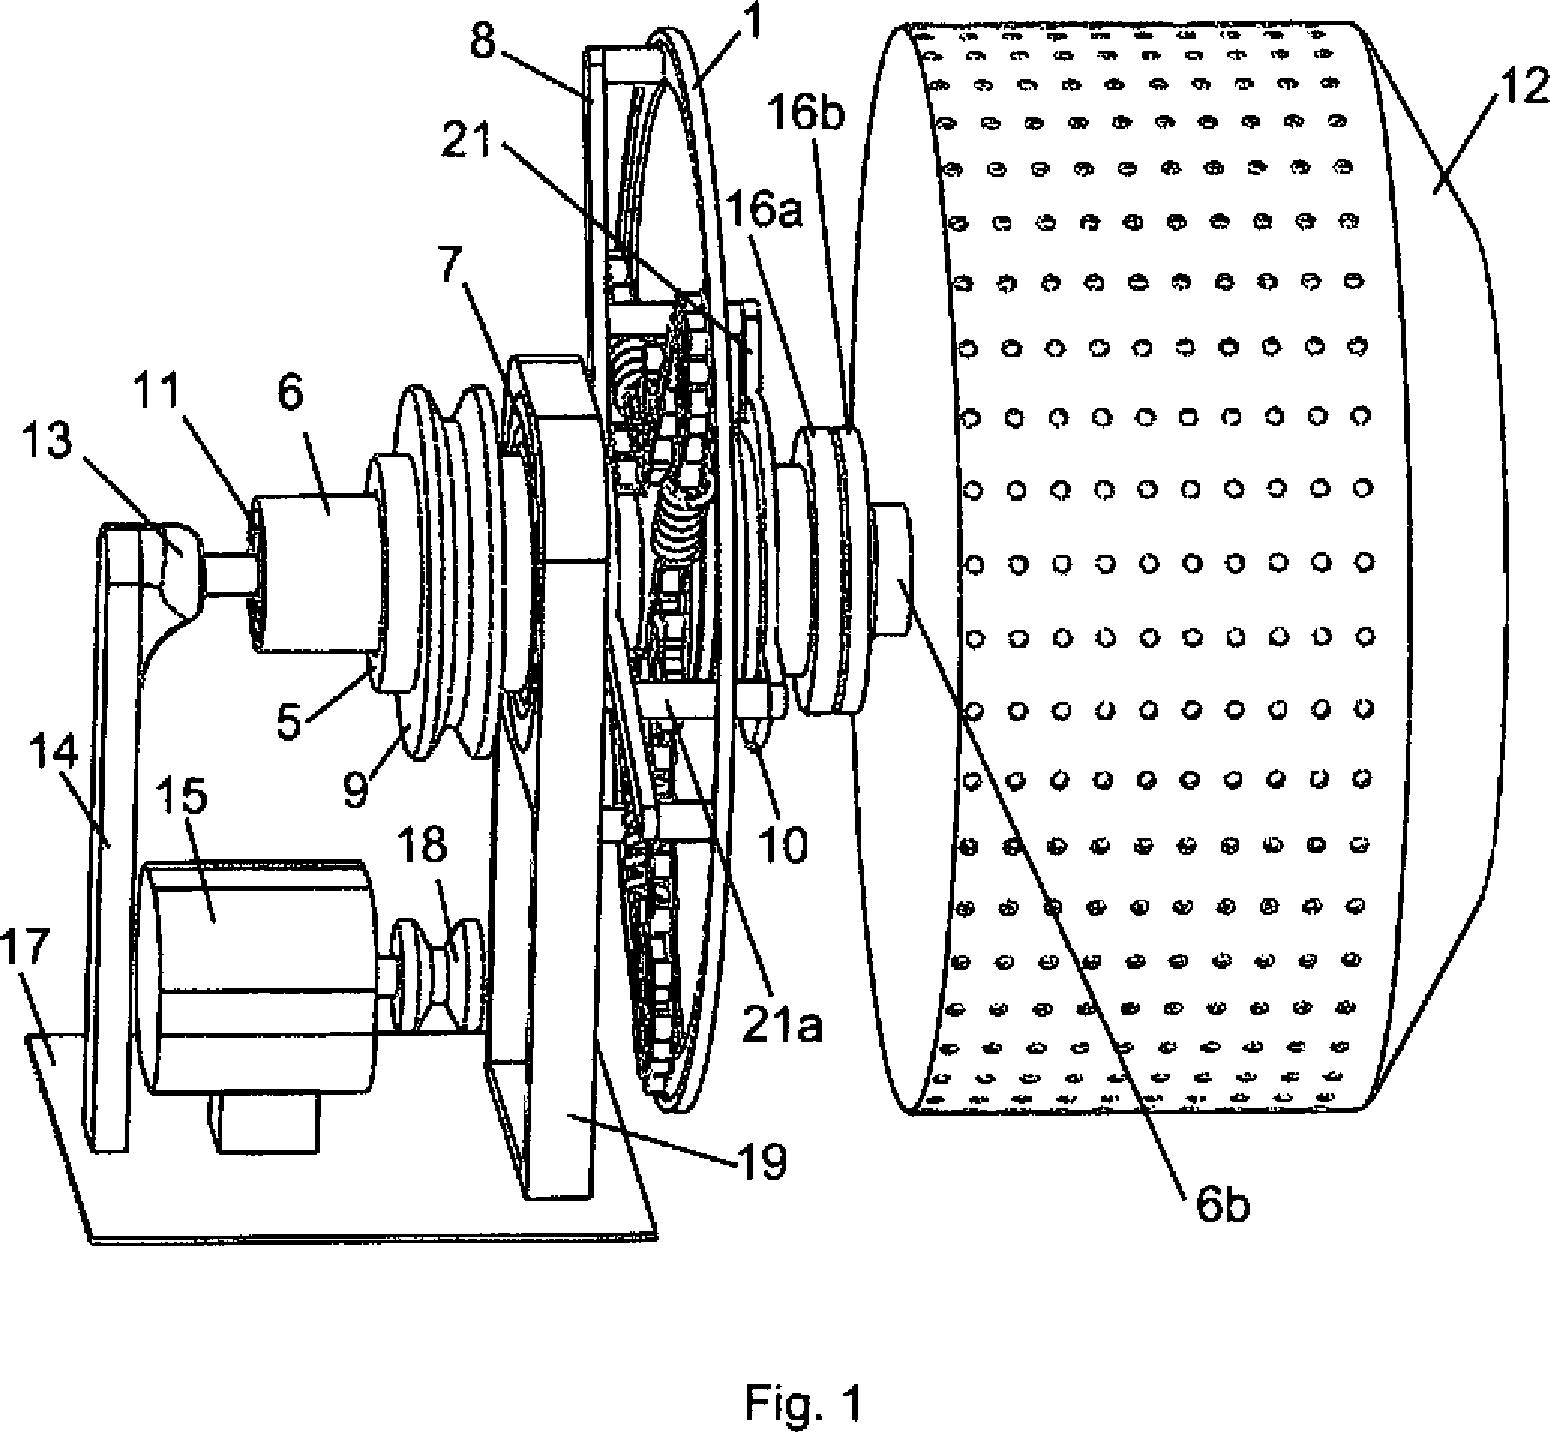 patent de102012002474a1 die waschmaschine mit der selbstbalancierten trommel und dem. Black Bedroom Furniture Sets. Home Design Ideas